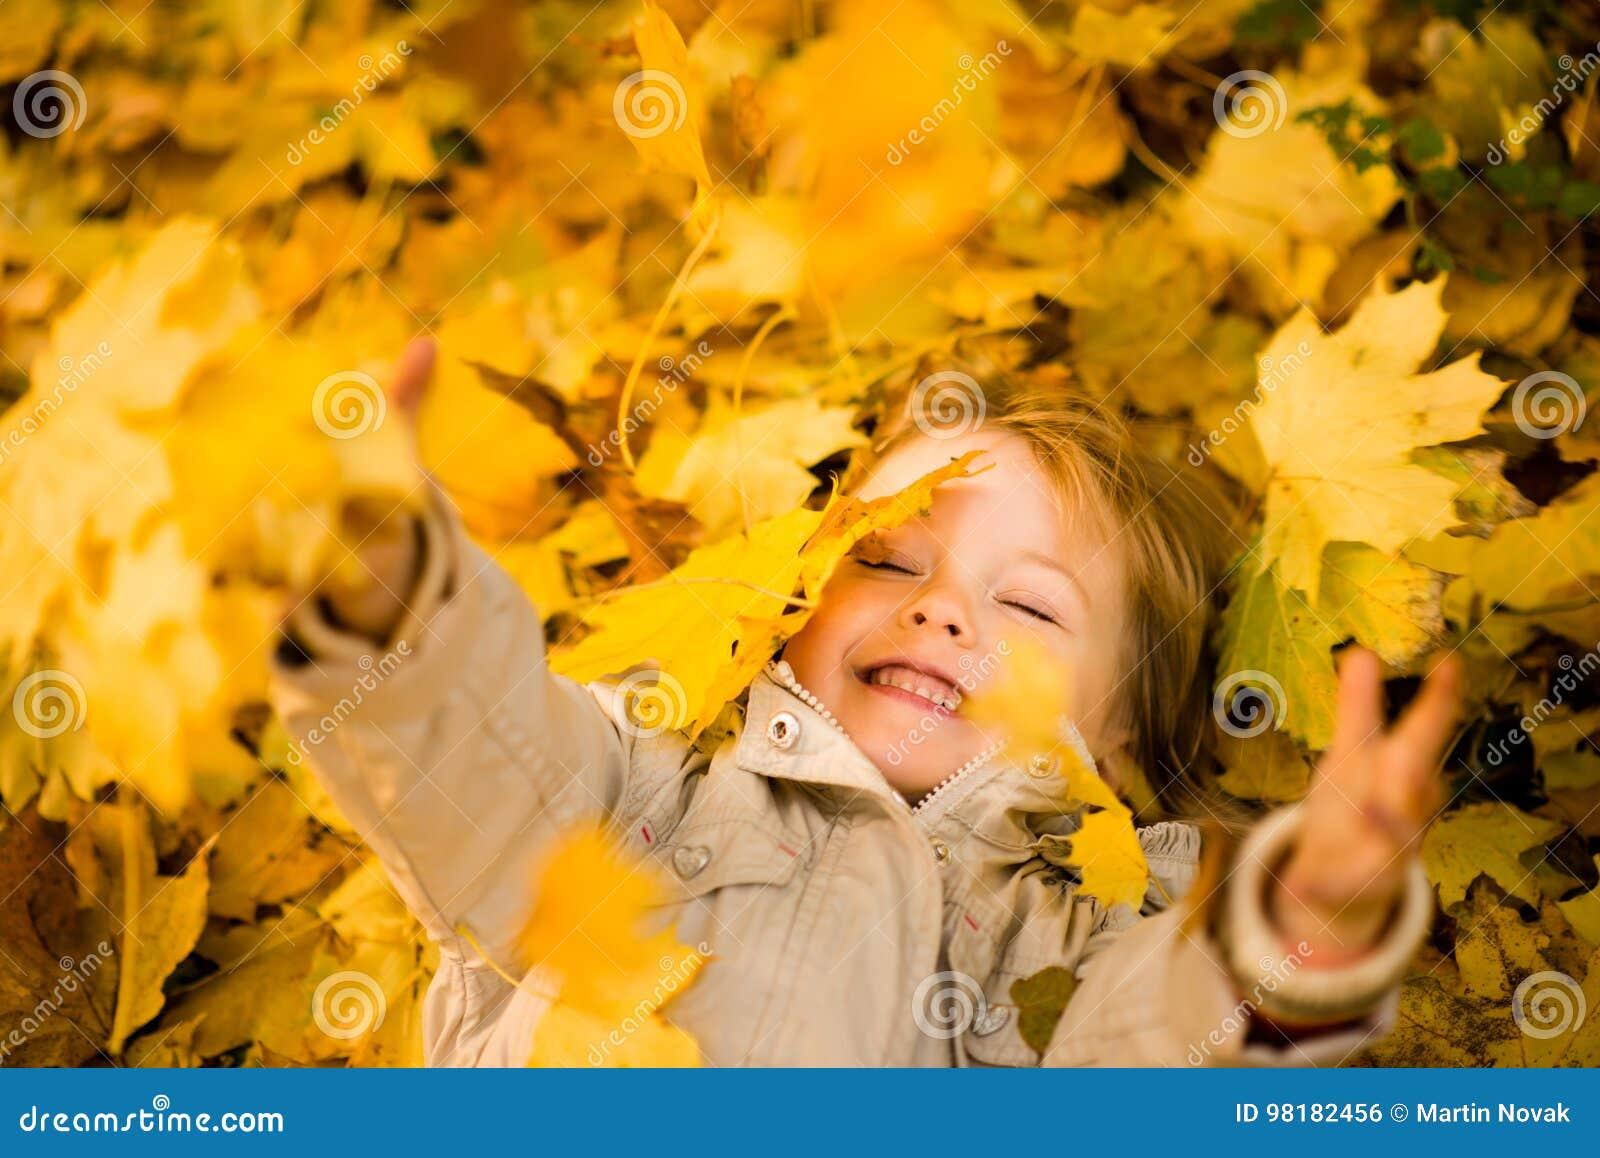 Ich bin glücklich, dass es Herbst ist